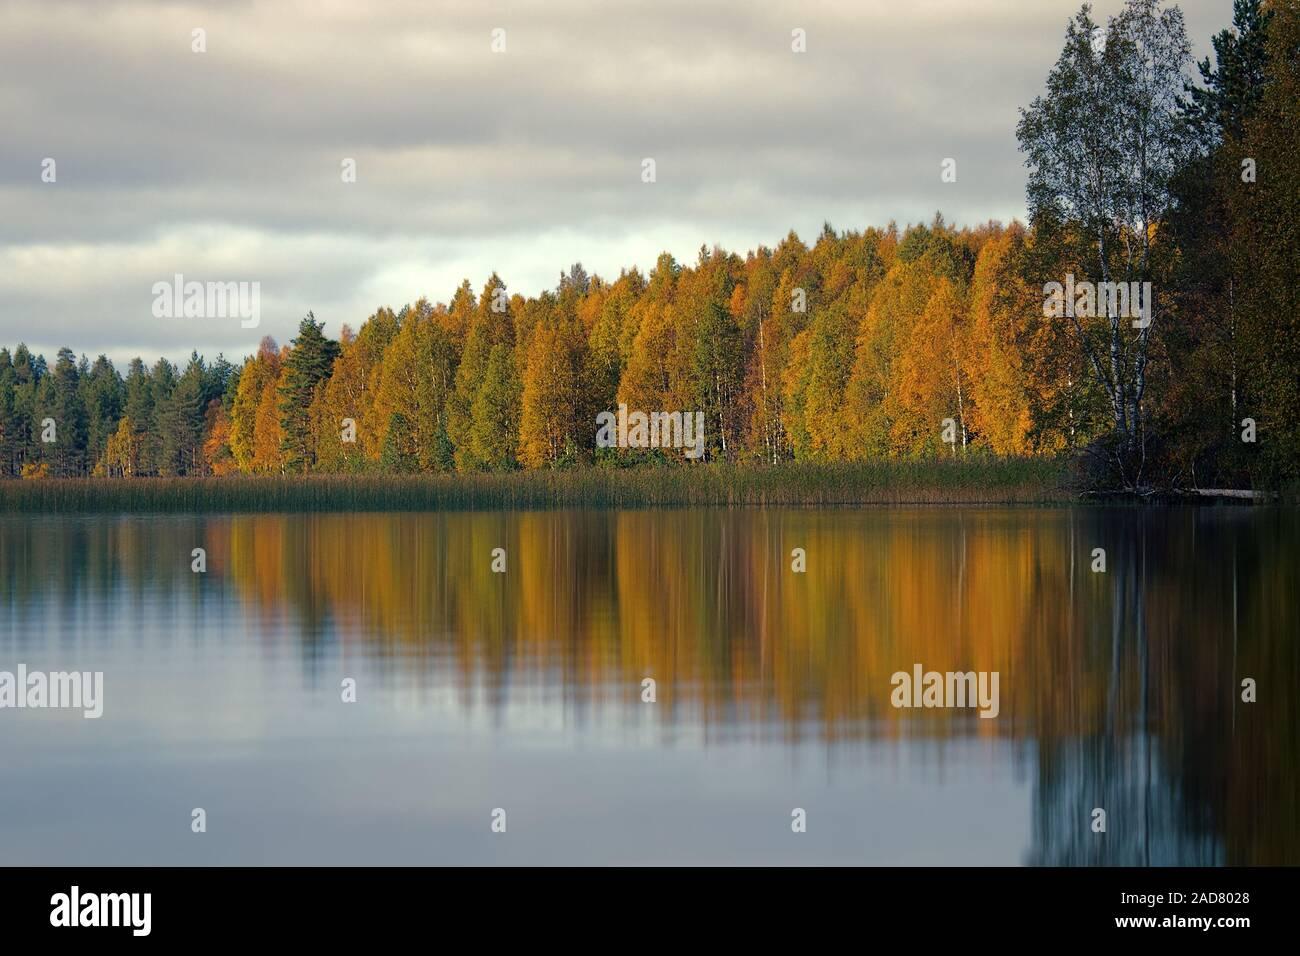 Amplia gama de colores de otoño bosque a orillas del tranquilo lago brumoso Foto de stock